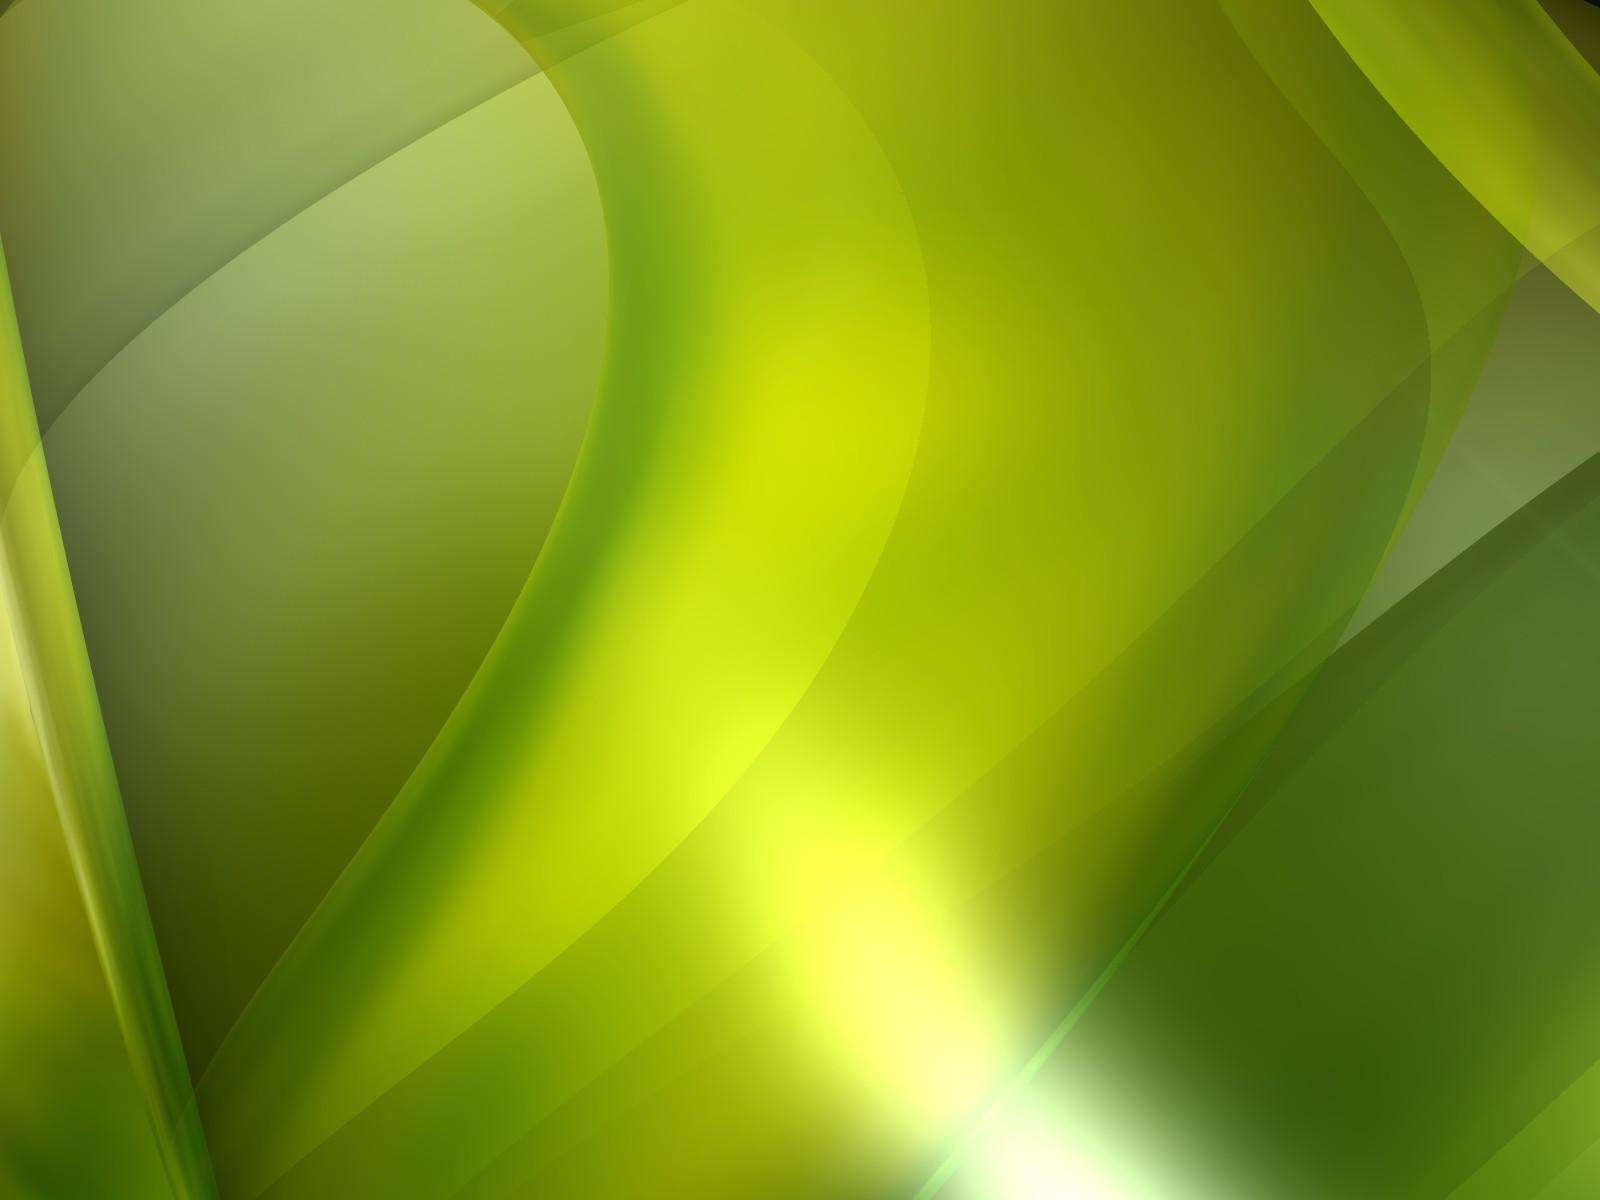 green spring wallpaper, скачать фото, обои для рабочего стола